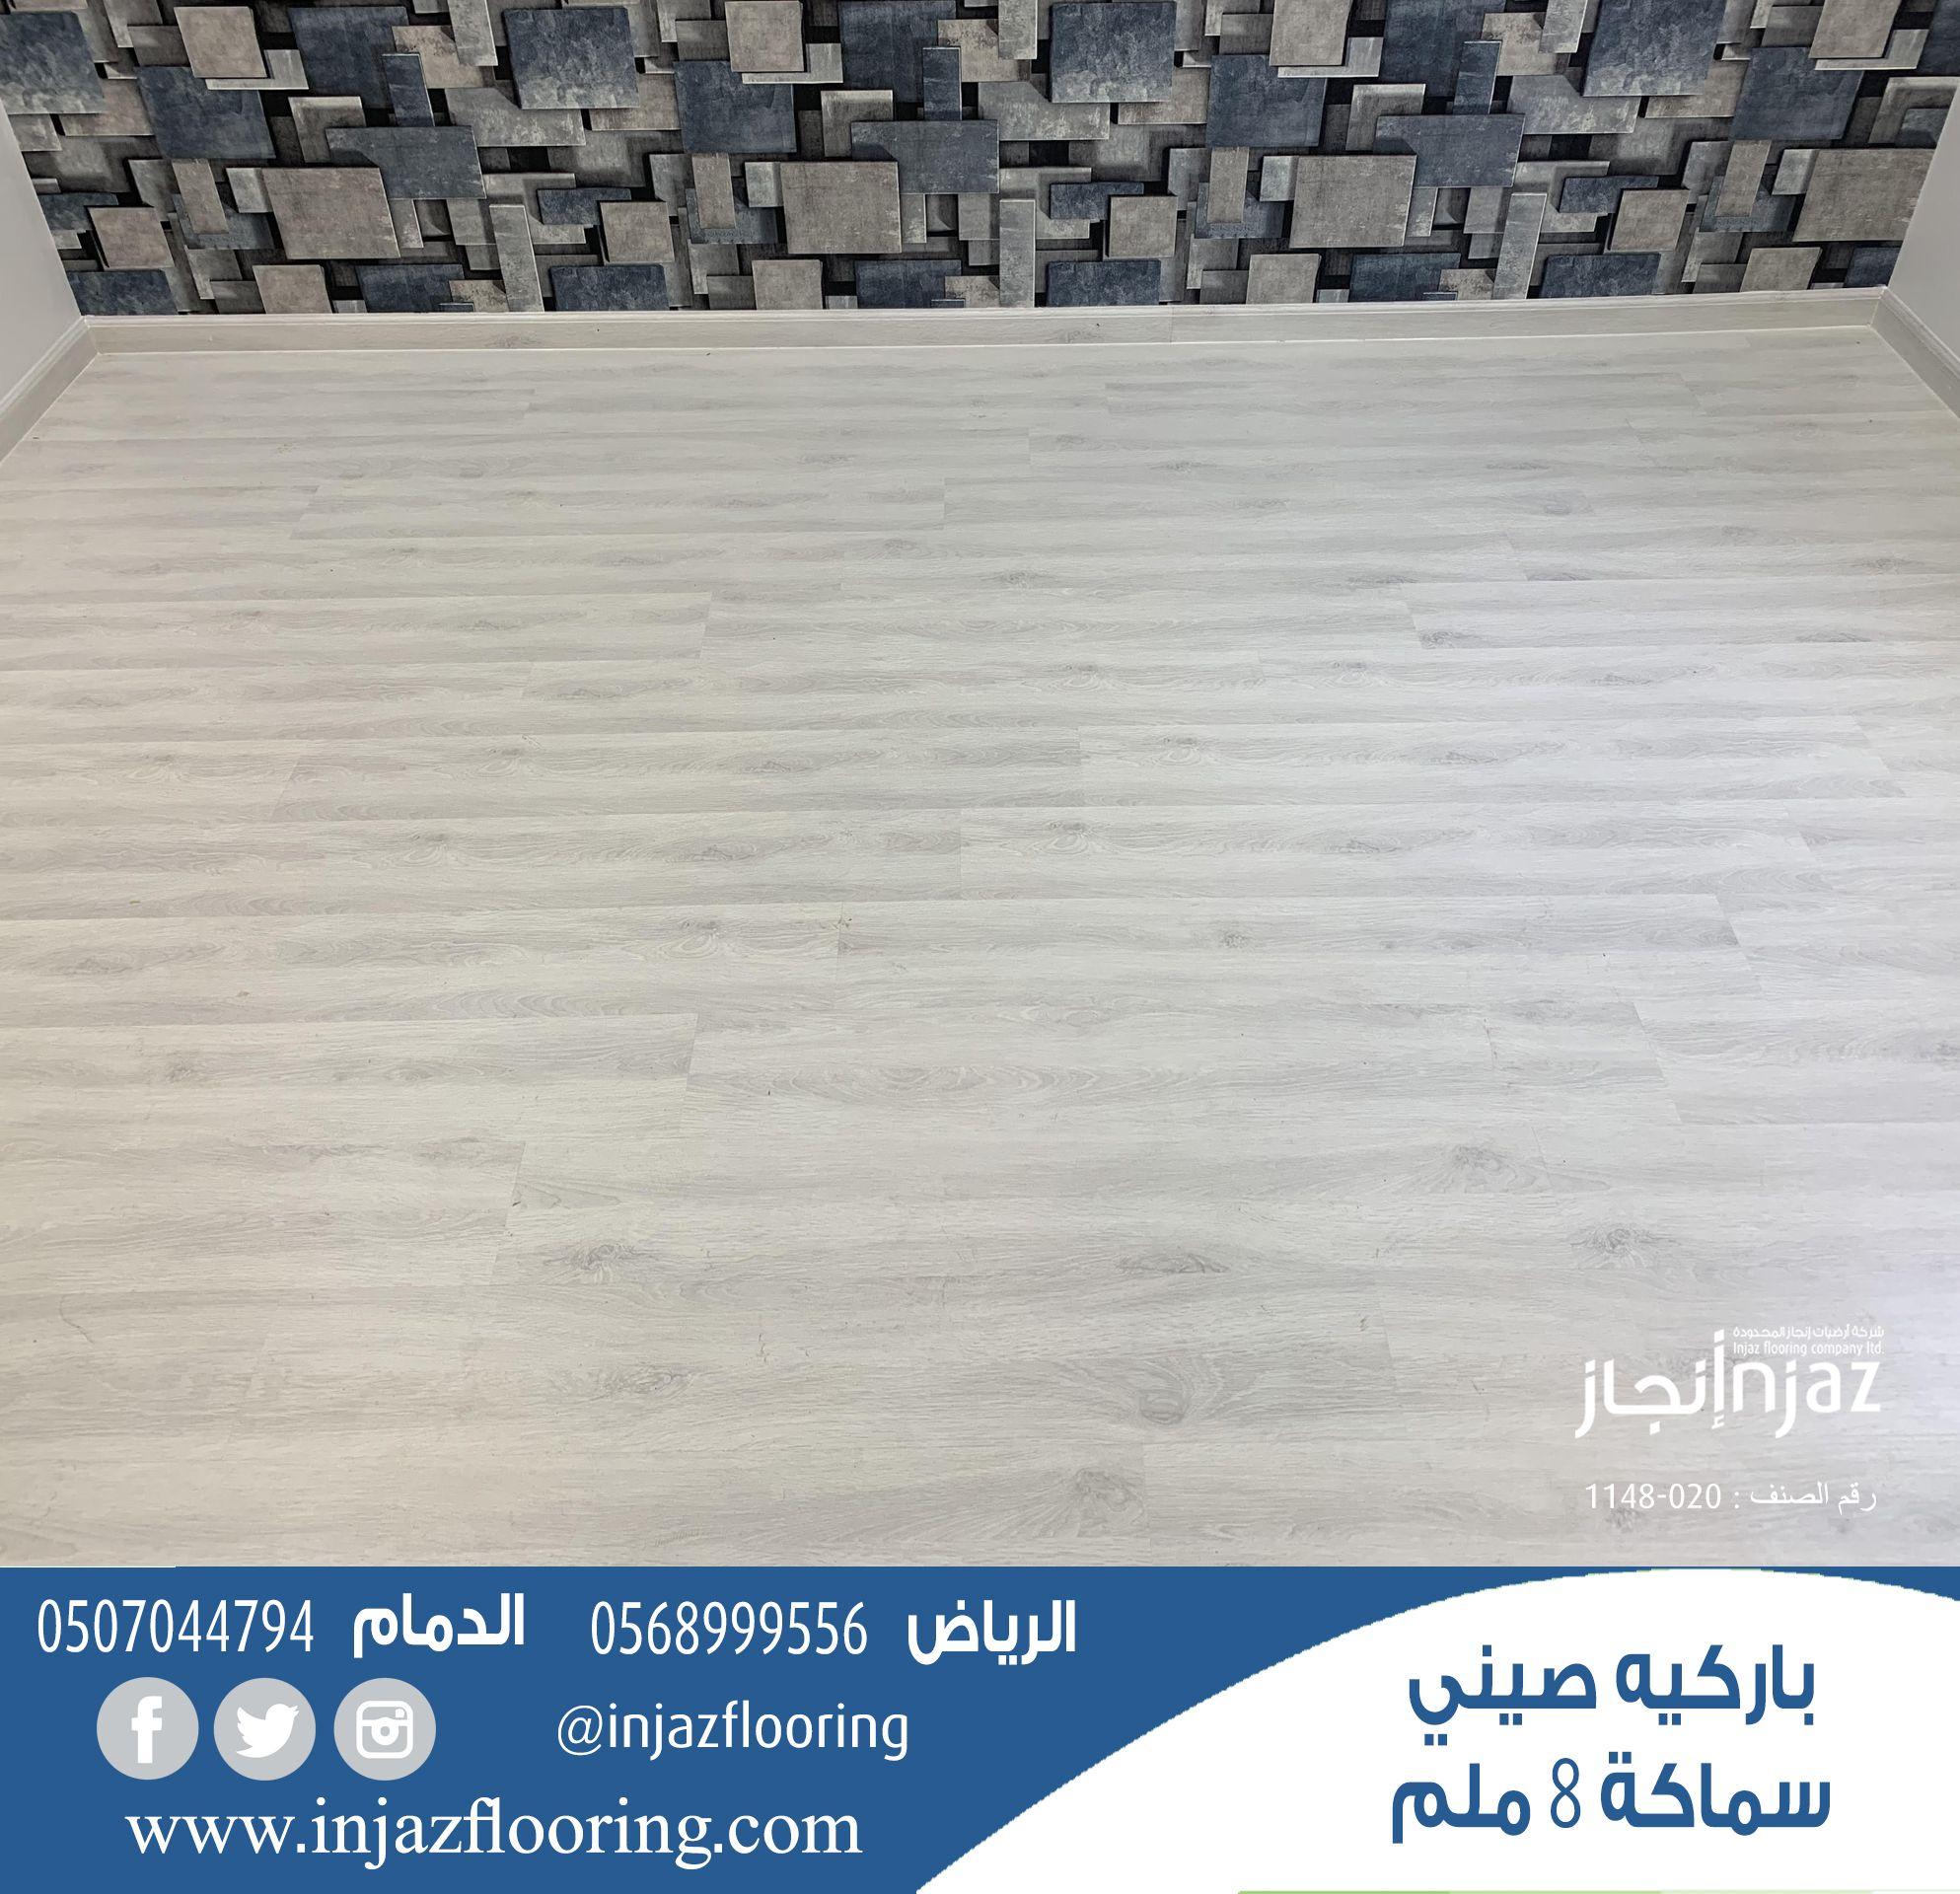 باركيه صيني Wood Laminate Flooring Wood Laminate Laminate Flooring